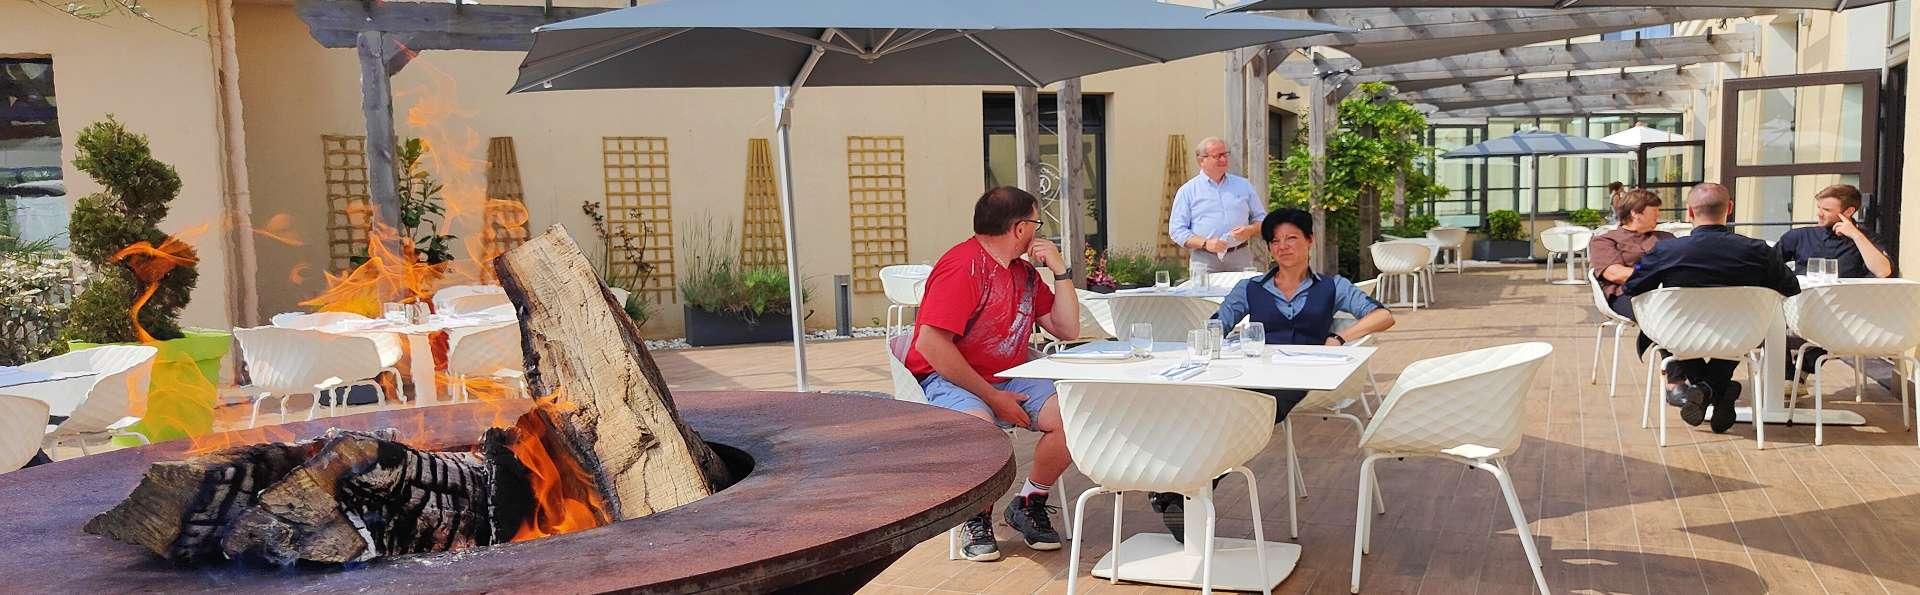 Holiday Inn Calais Coquelles - IMG_20210615_121541.jpg